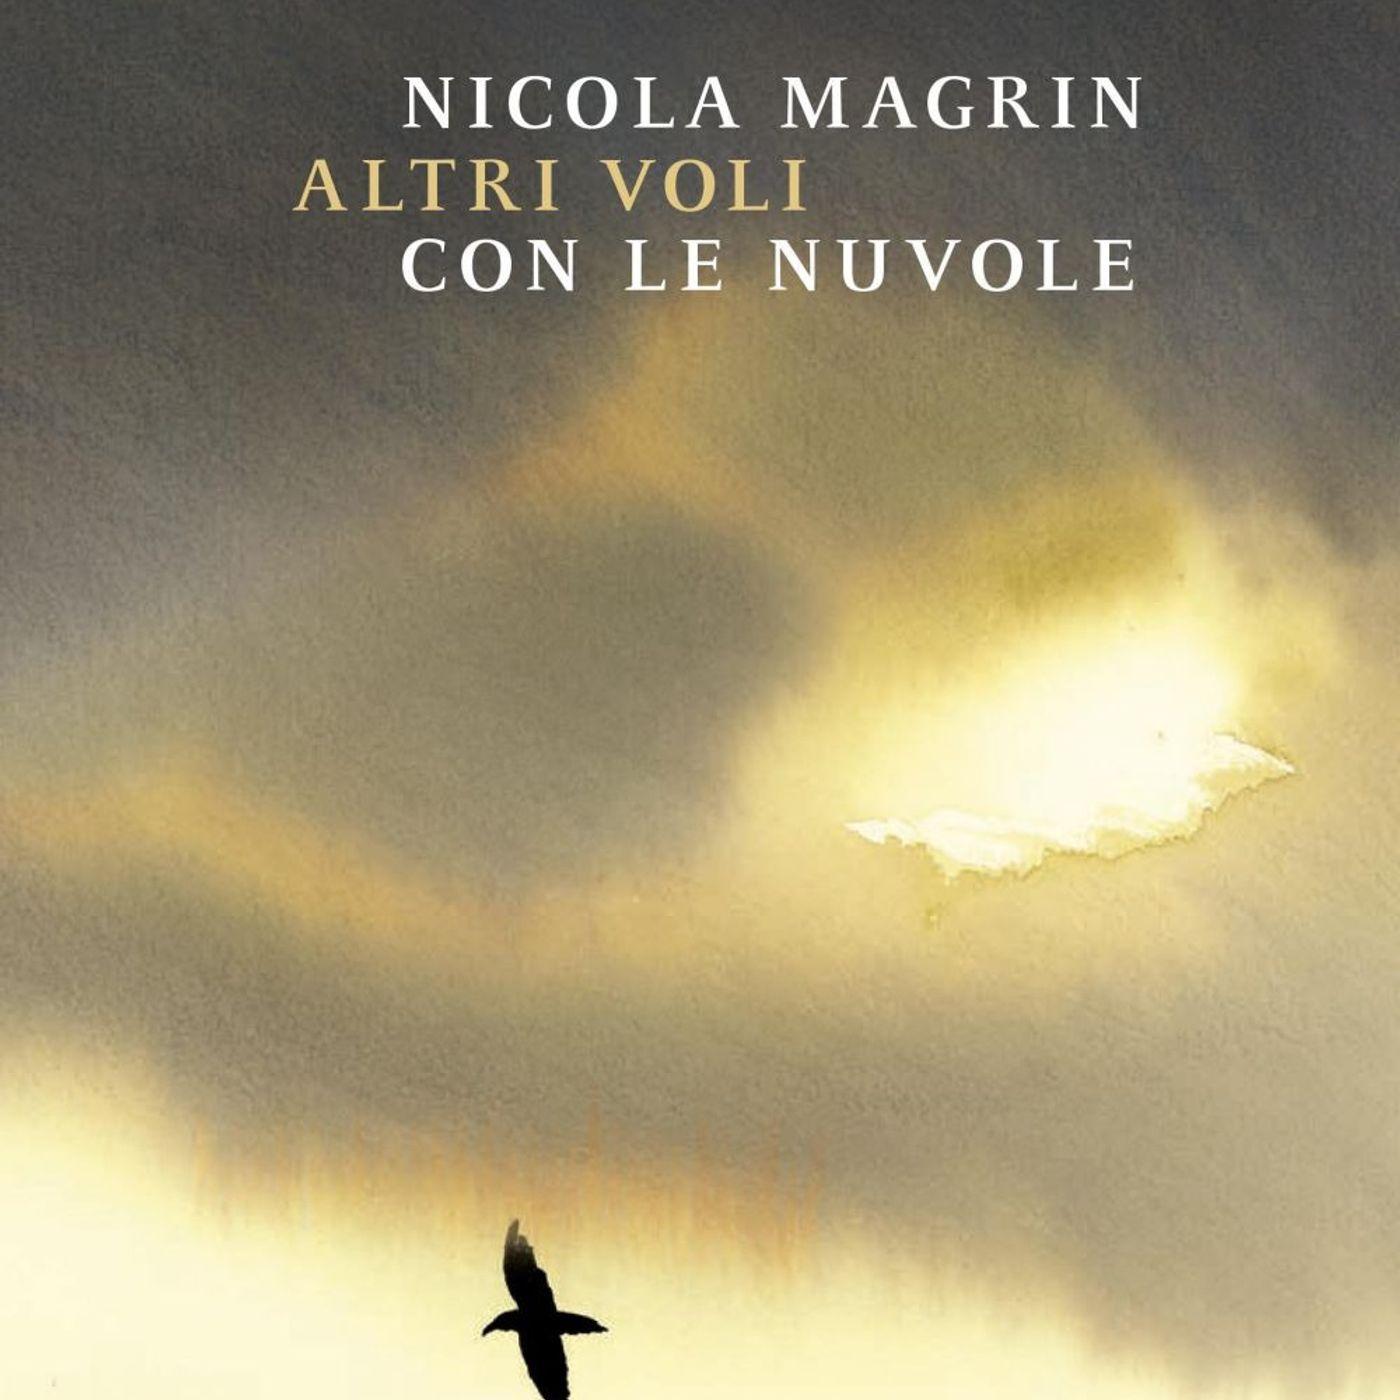 """Nicola Magrin """"Altri voli con le nuvole"""""""